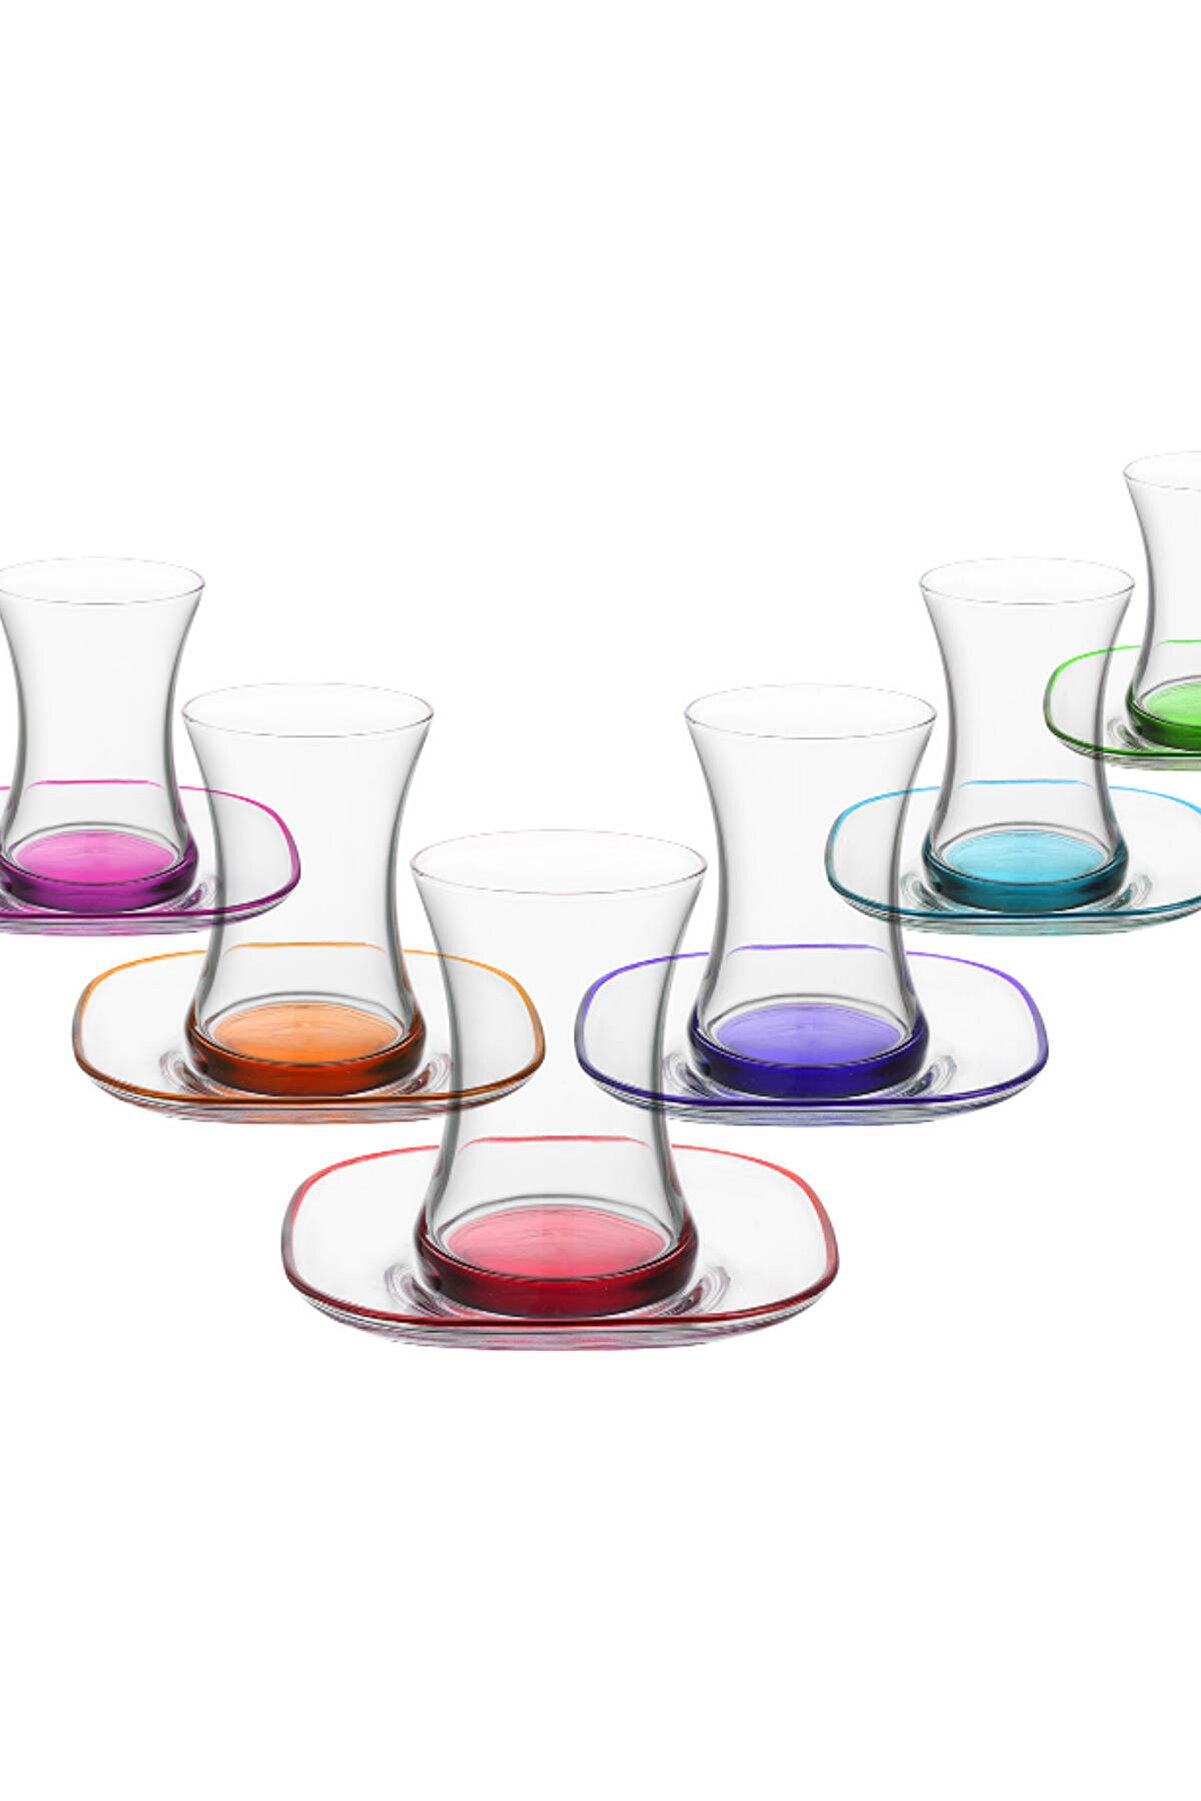 Lav Zen Renkli Tabanlı 12 Parça Çay Seti